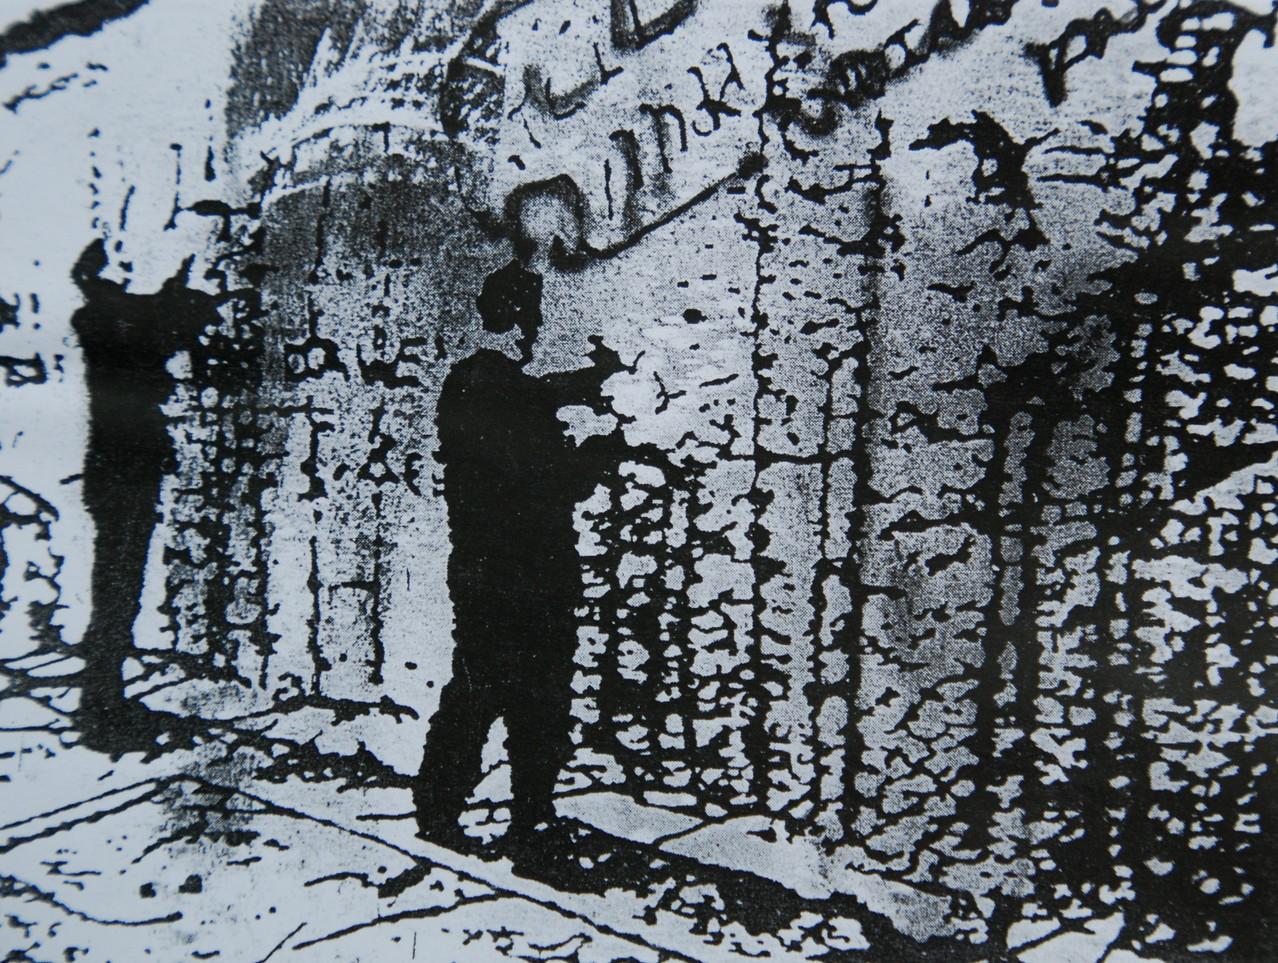 Mauerspechte, 1991, Mischtechnik auf LW, verk. Große Münchener Kunstausstellung